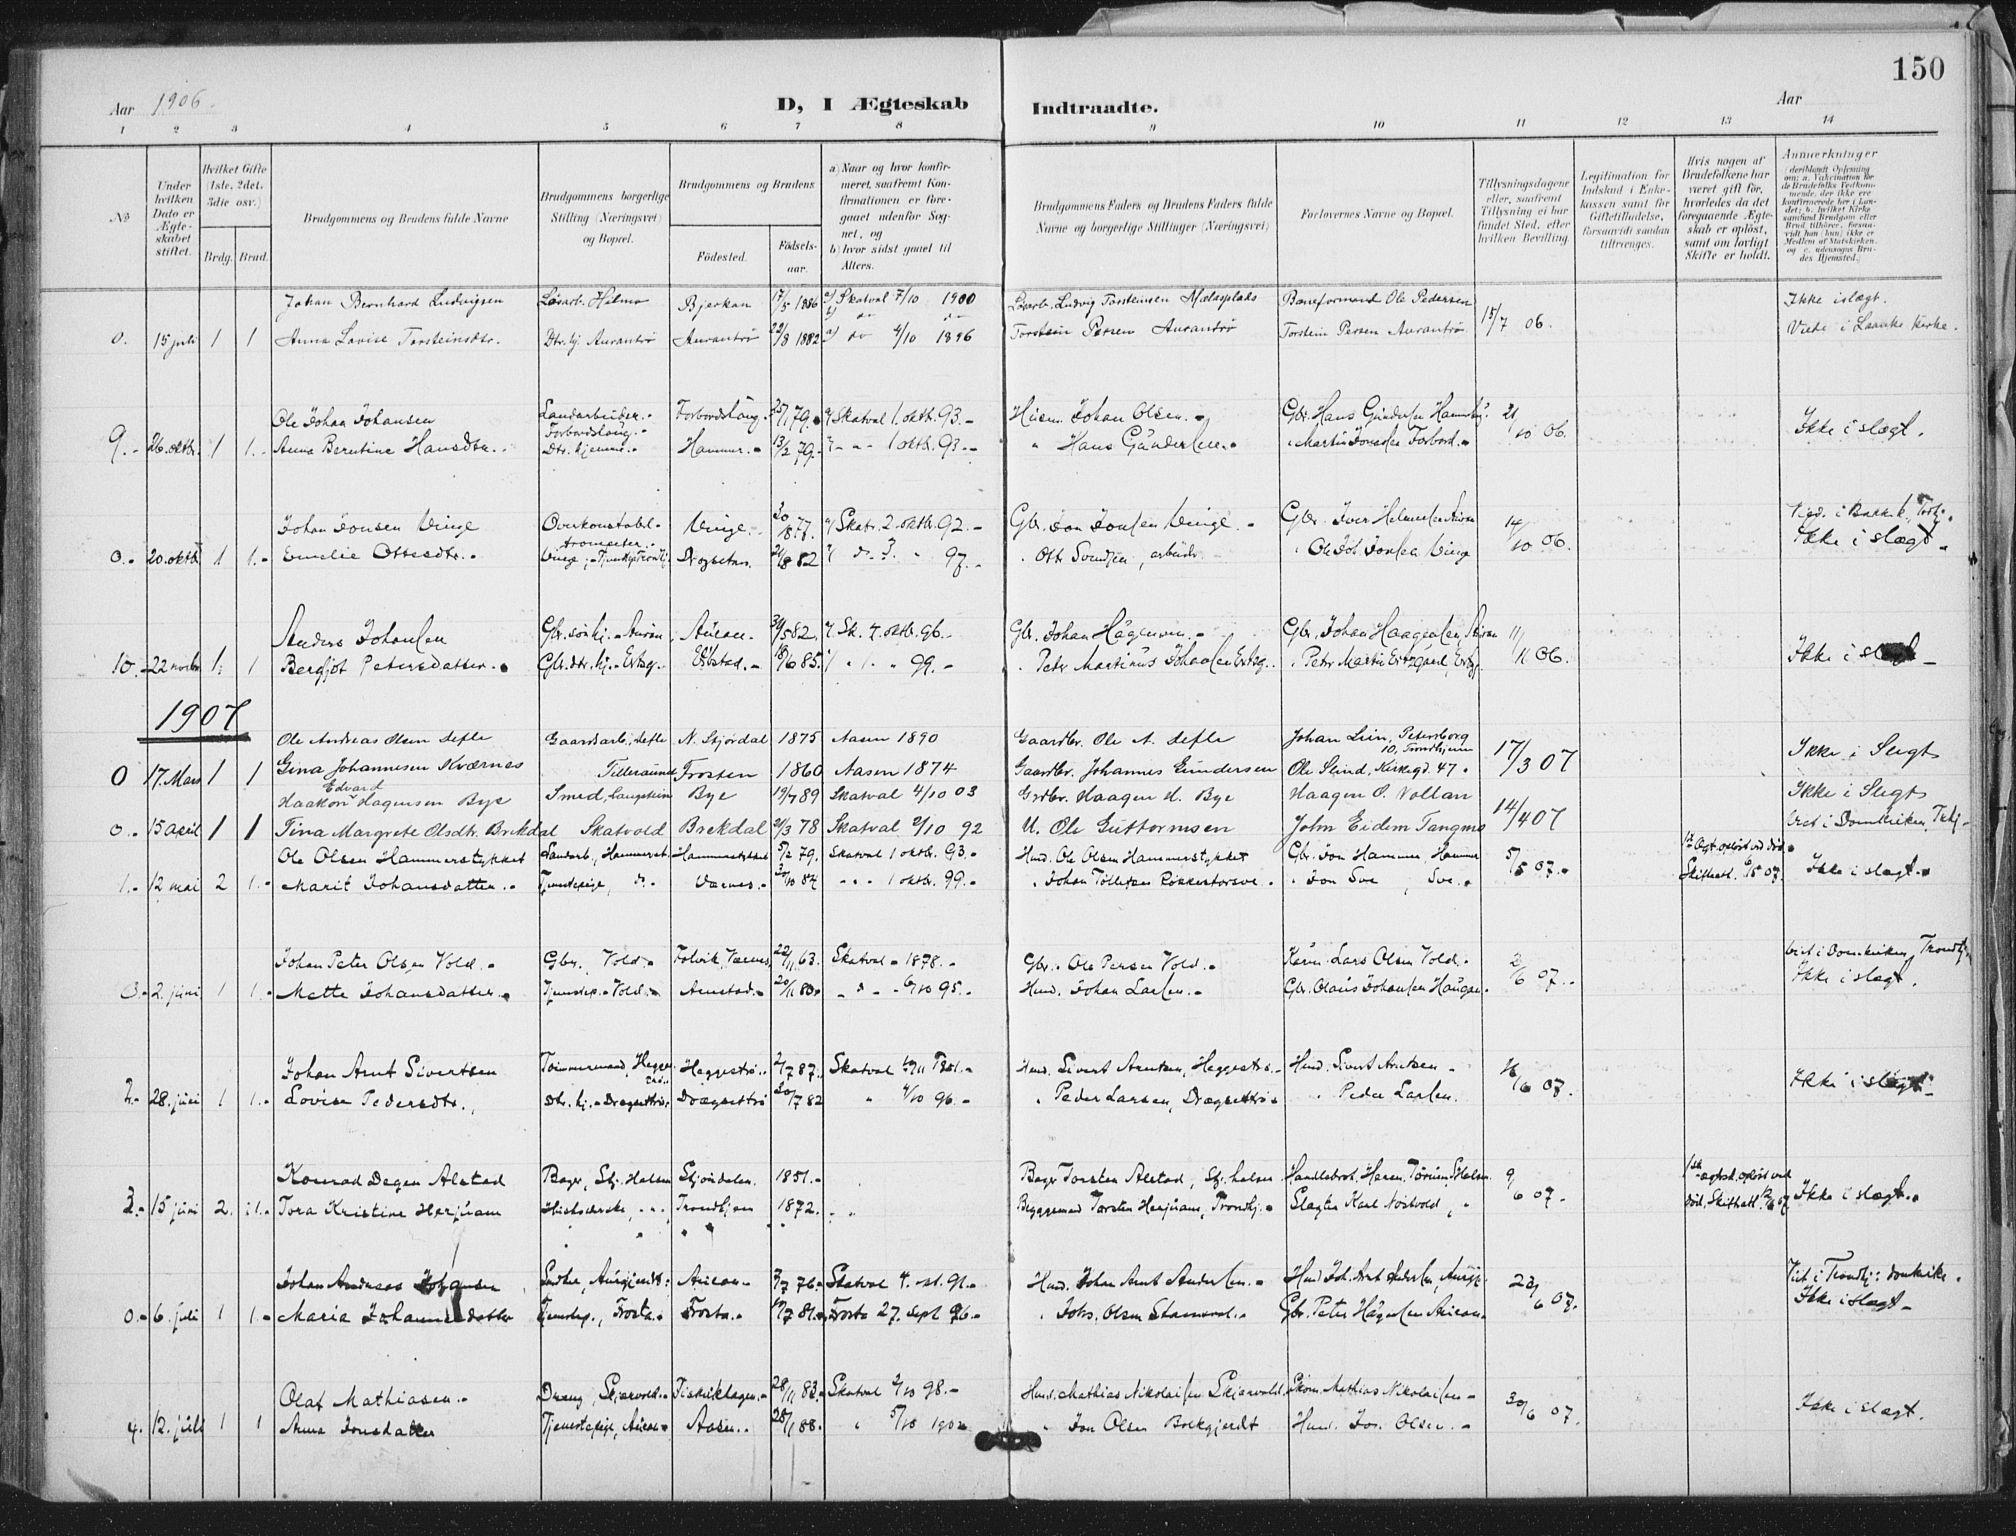 SAT, Ministerialprotokoller, klokkerbøker og fødselsregistre - Nord-Trøndelag, 712/L0101: Ministerialbok nr. 712A02, 1901-1916, s. 150